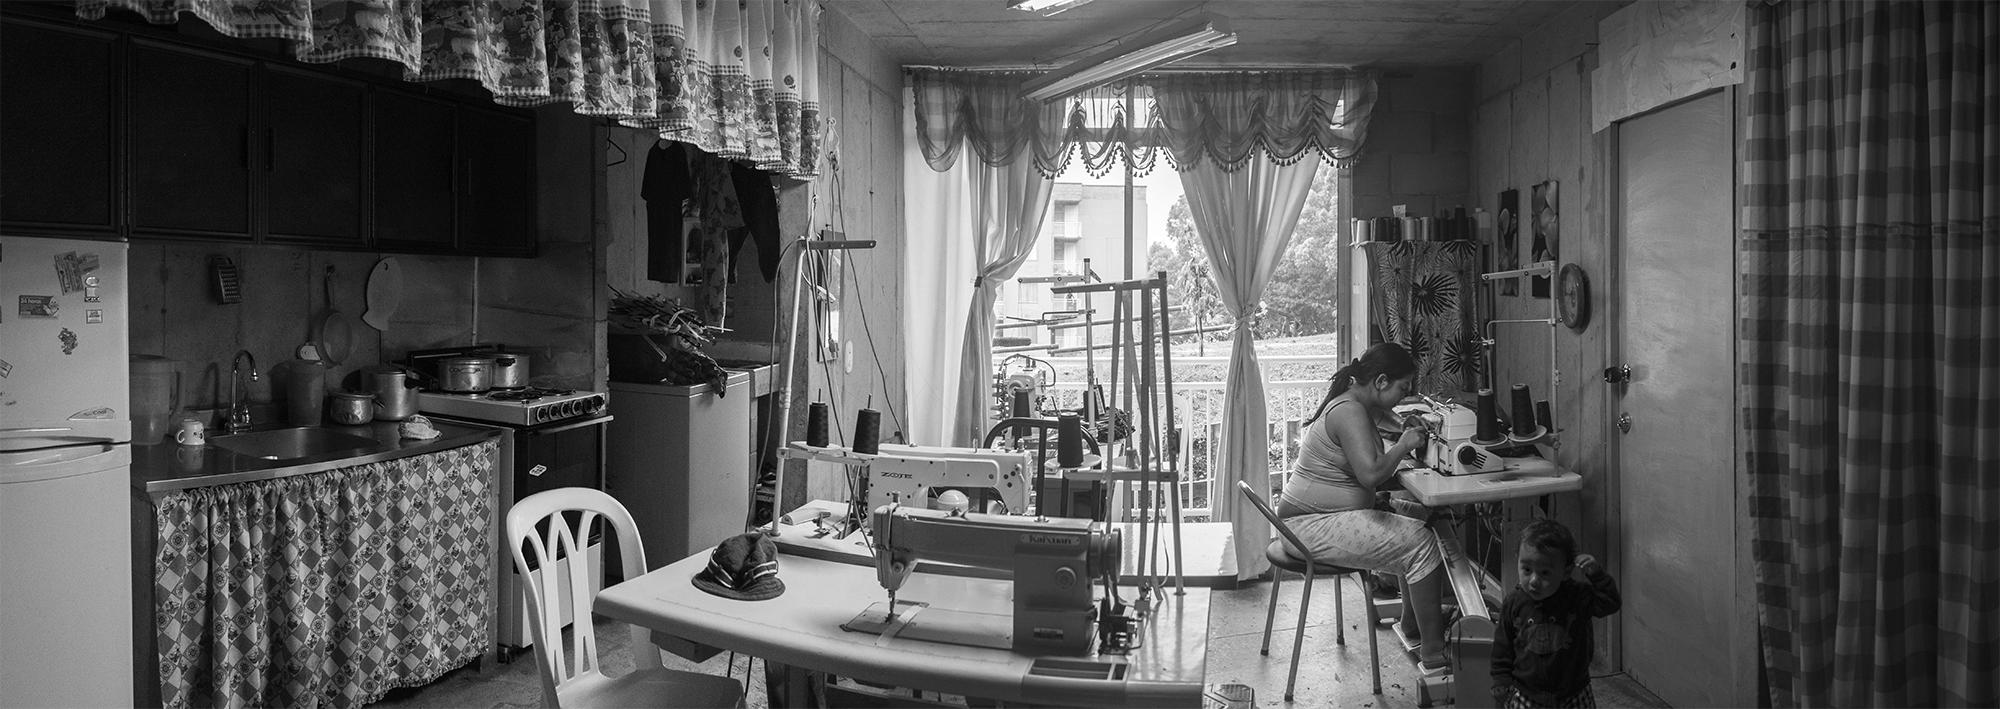 """Foto-ensayo: """"Vivienda productiva"""" por David Cadavid y Federico Ortiz"""